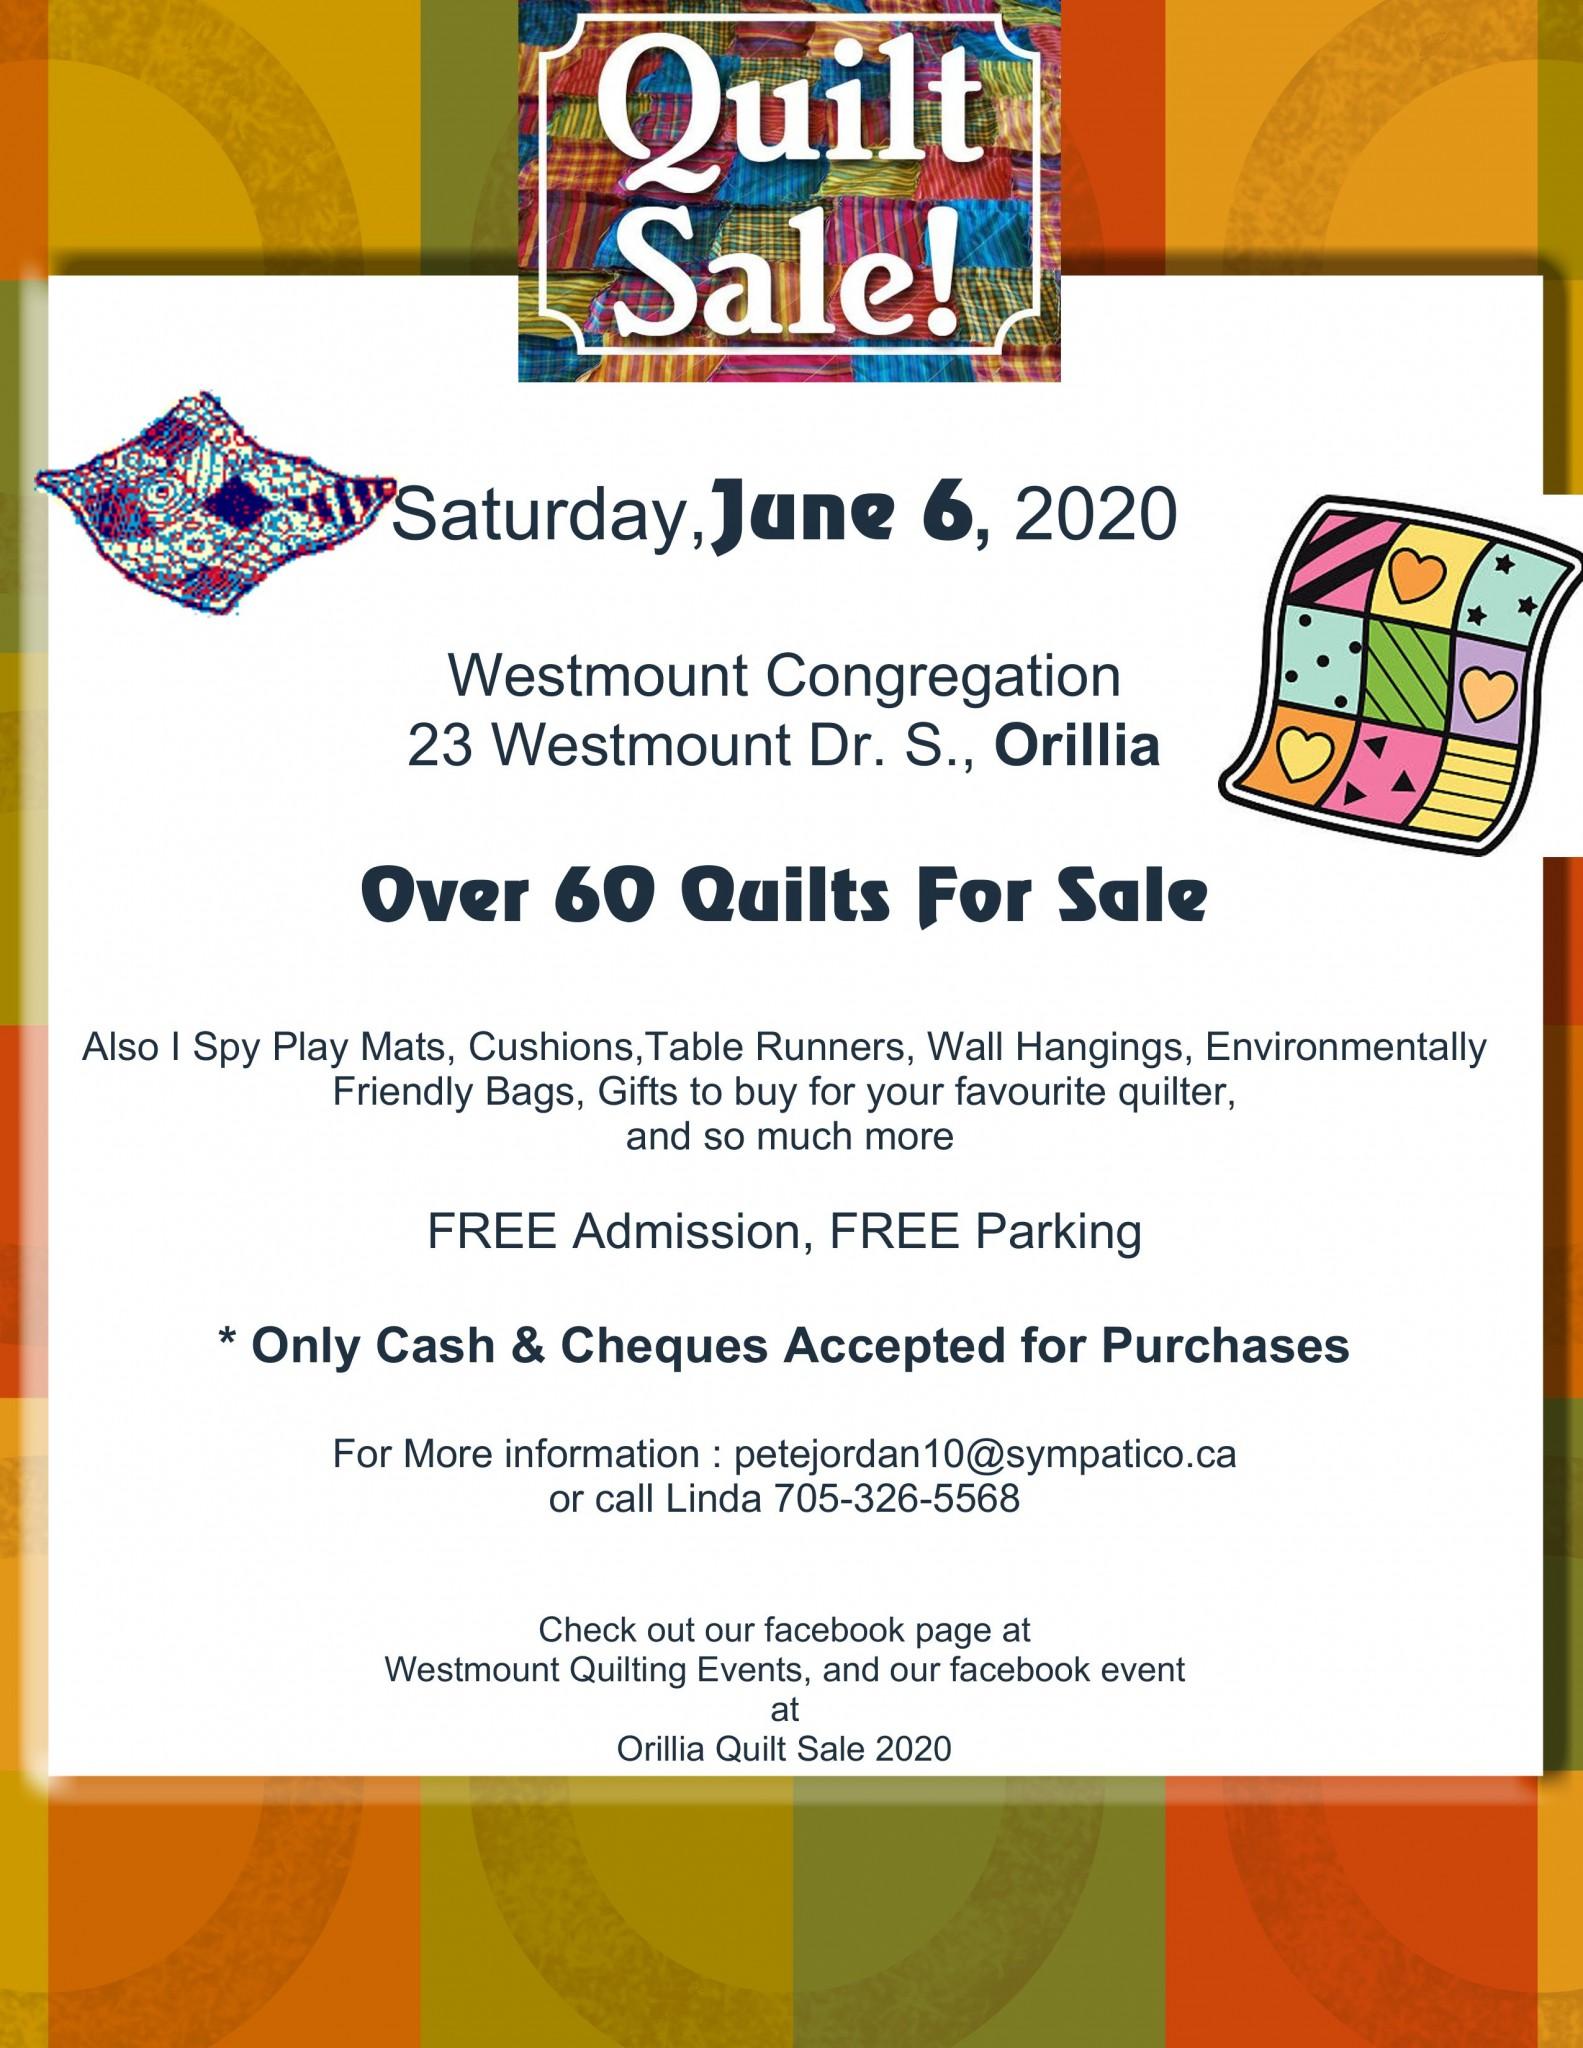 Quilt sale poster 2020 001 2 - QUILT SALE ORILLIA 2020